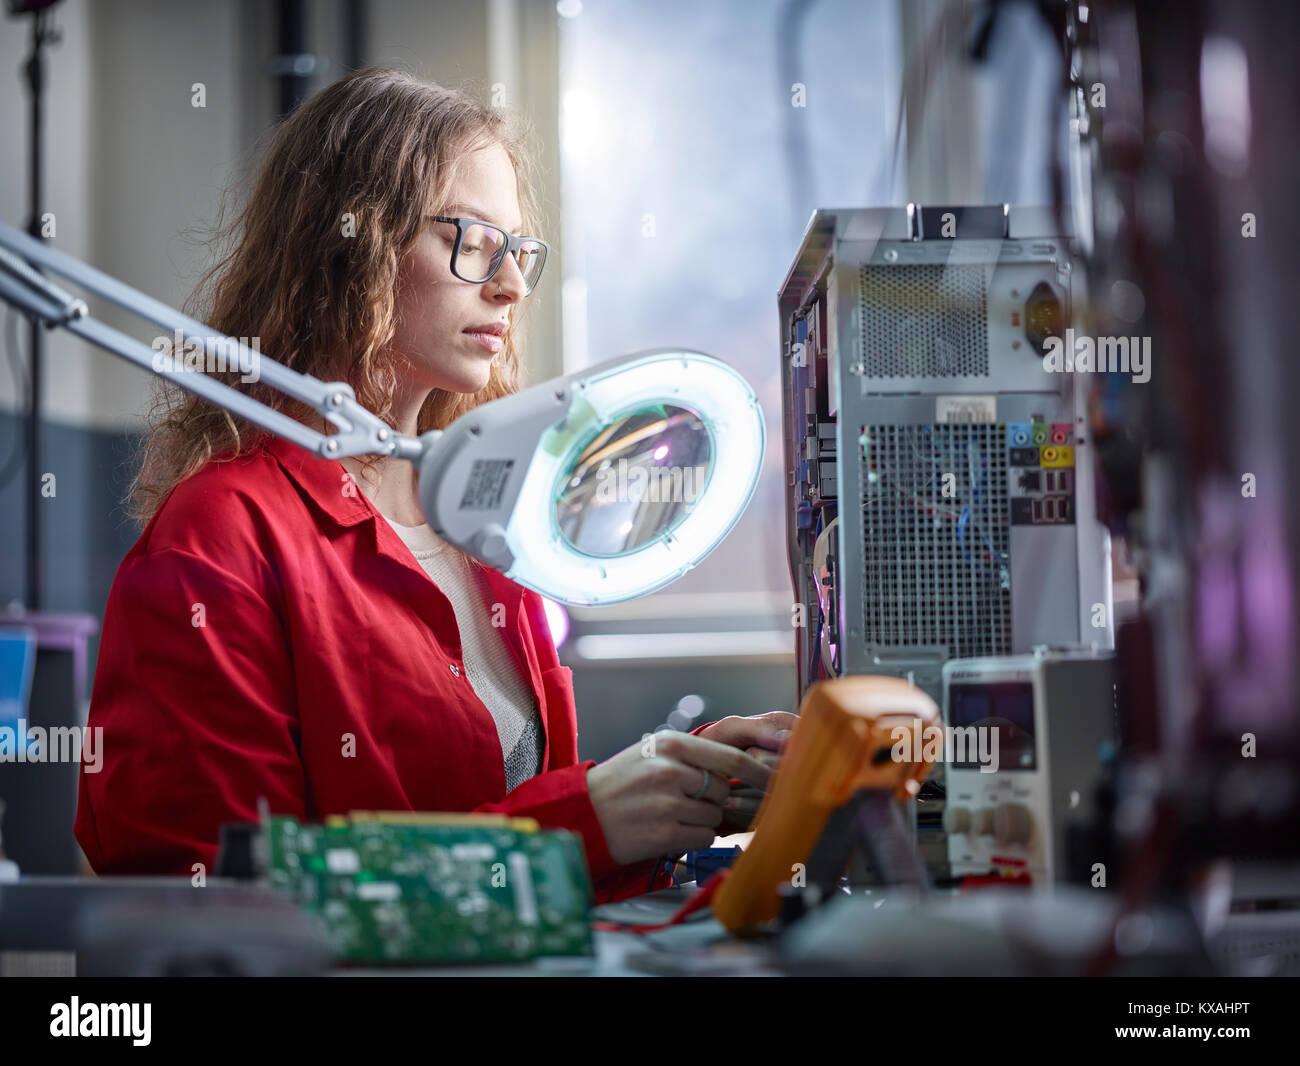 Medidas técnico con un dispositivo de medición en un laboratorio de electrónica, Austria Imagen De Stock